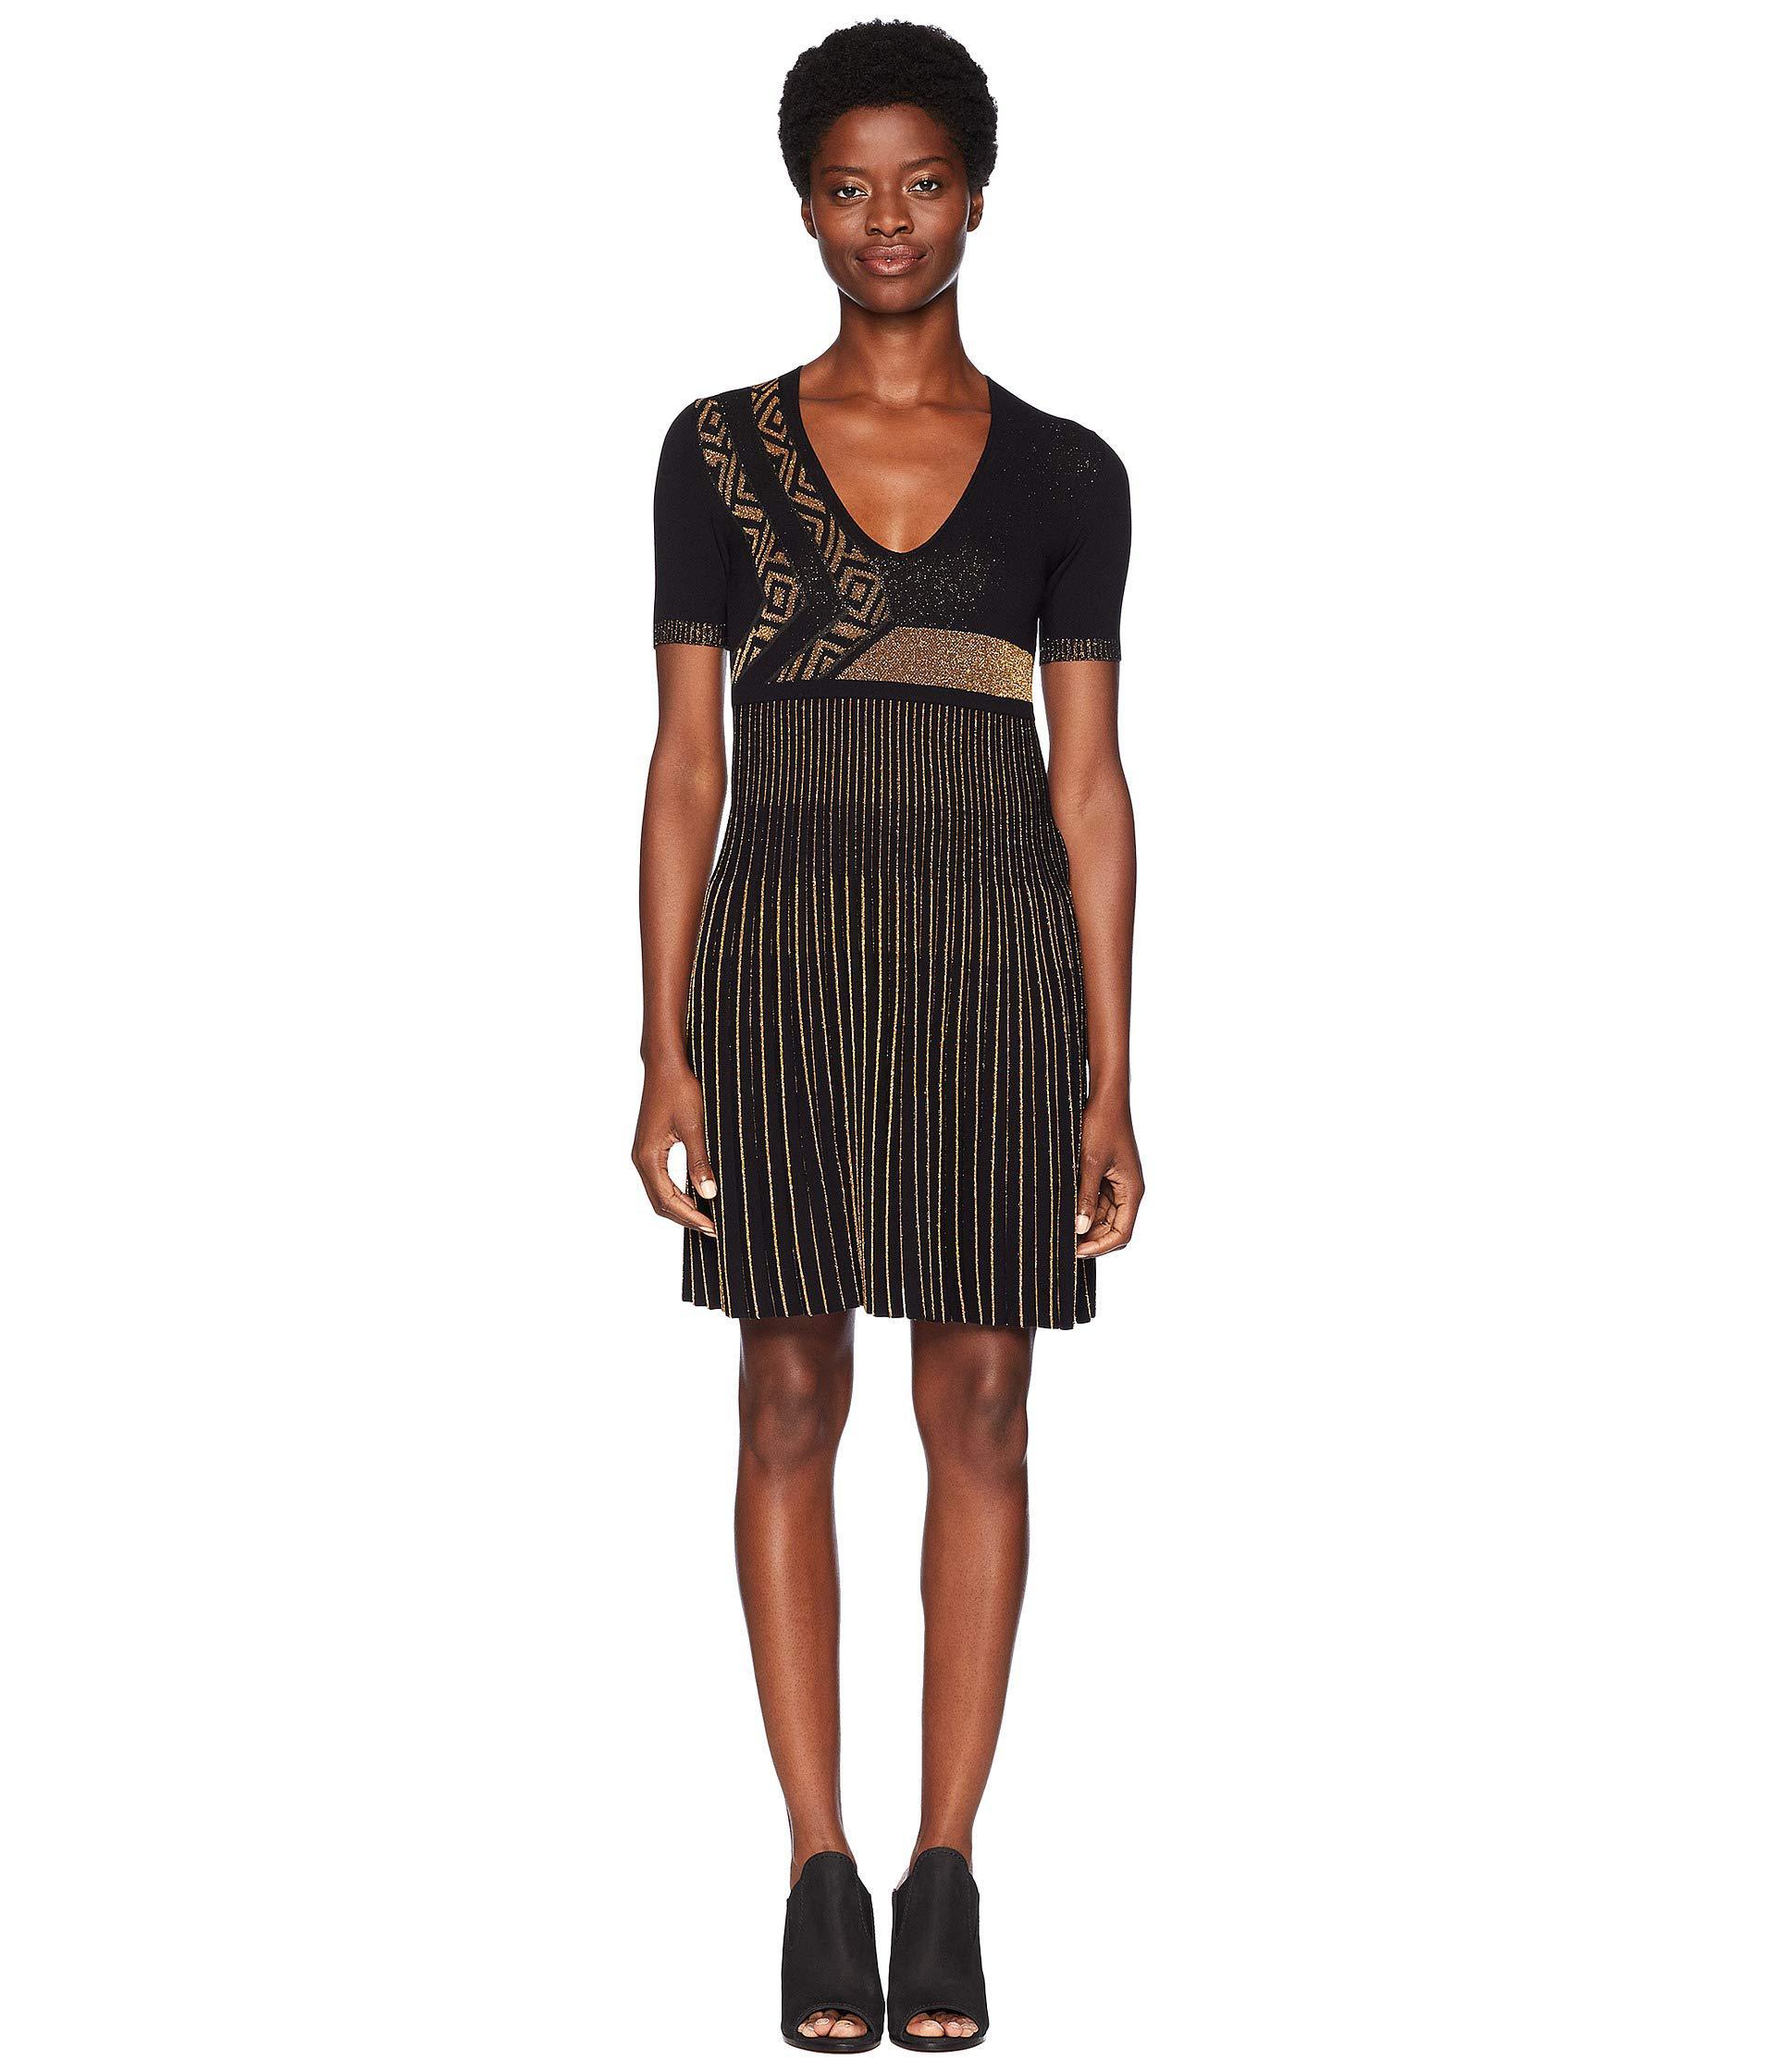 brand new d39bd 21a22 Women's Black Abito Maglia Donna (nero/oro) Clothing